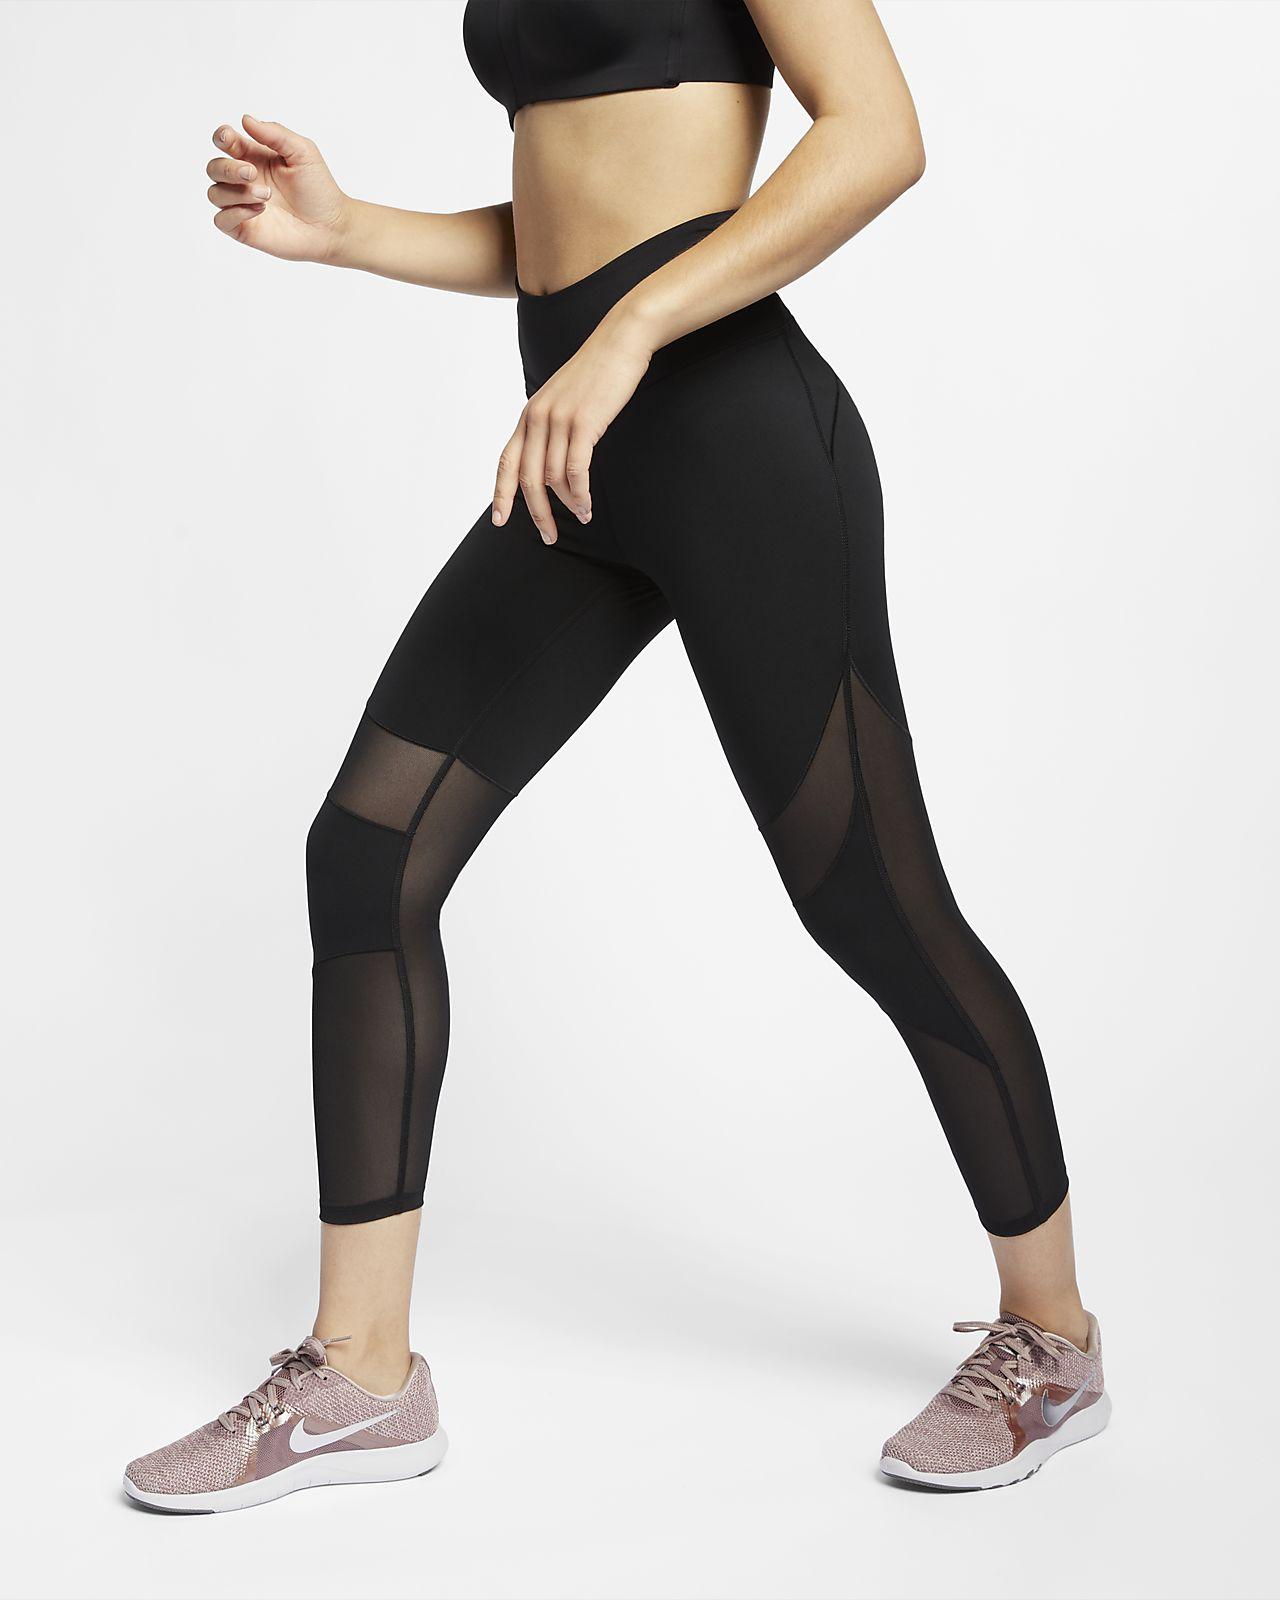 Nike Fly Mallas de tres cuartos - Mujer. Nike.com ES